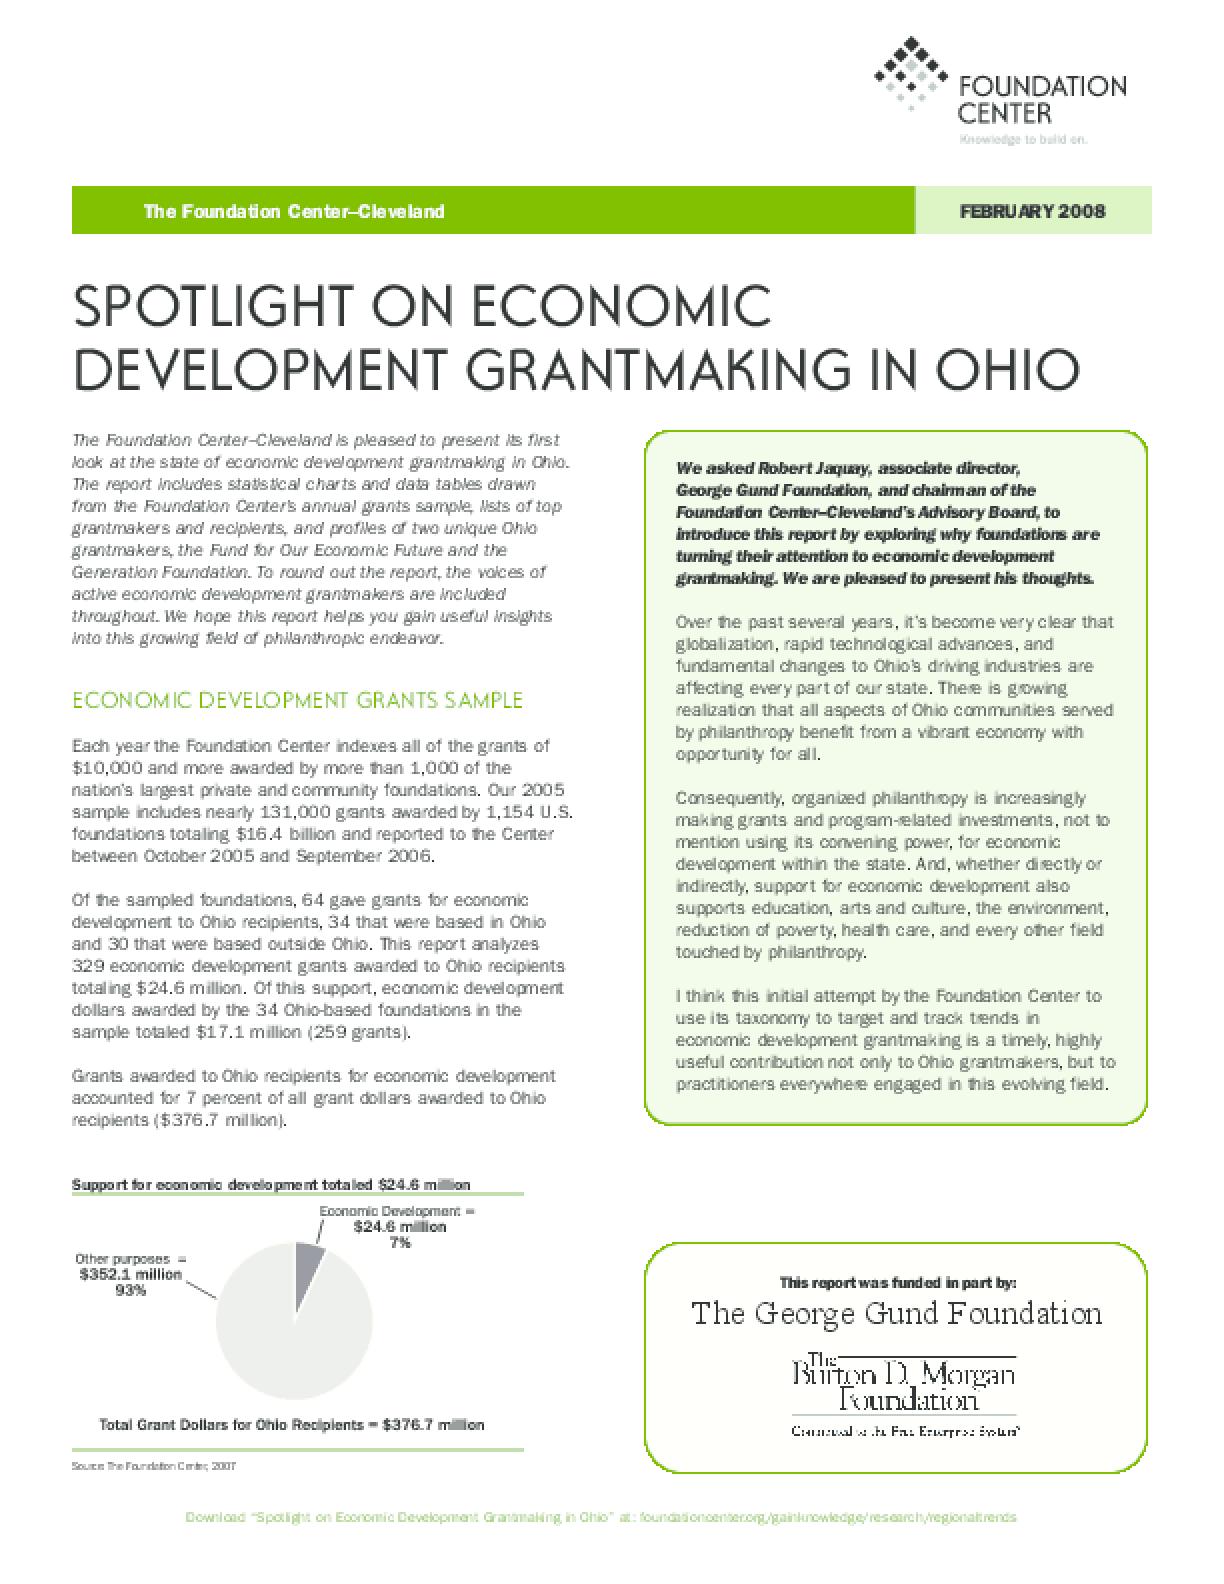 Spotlight on Economic Development Grantmaking in Ohio 2008